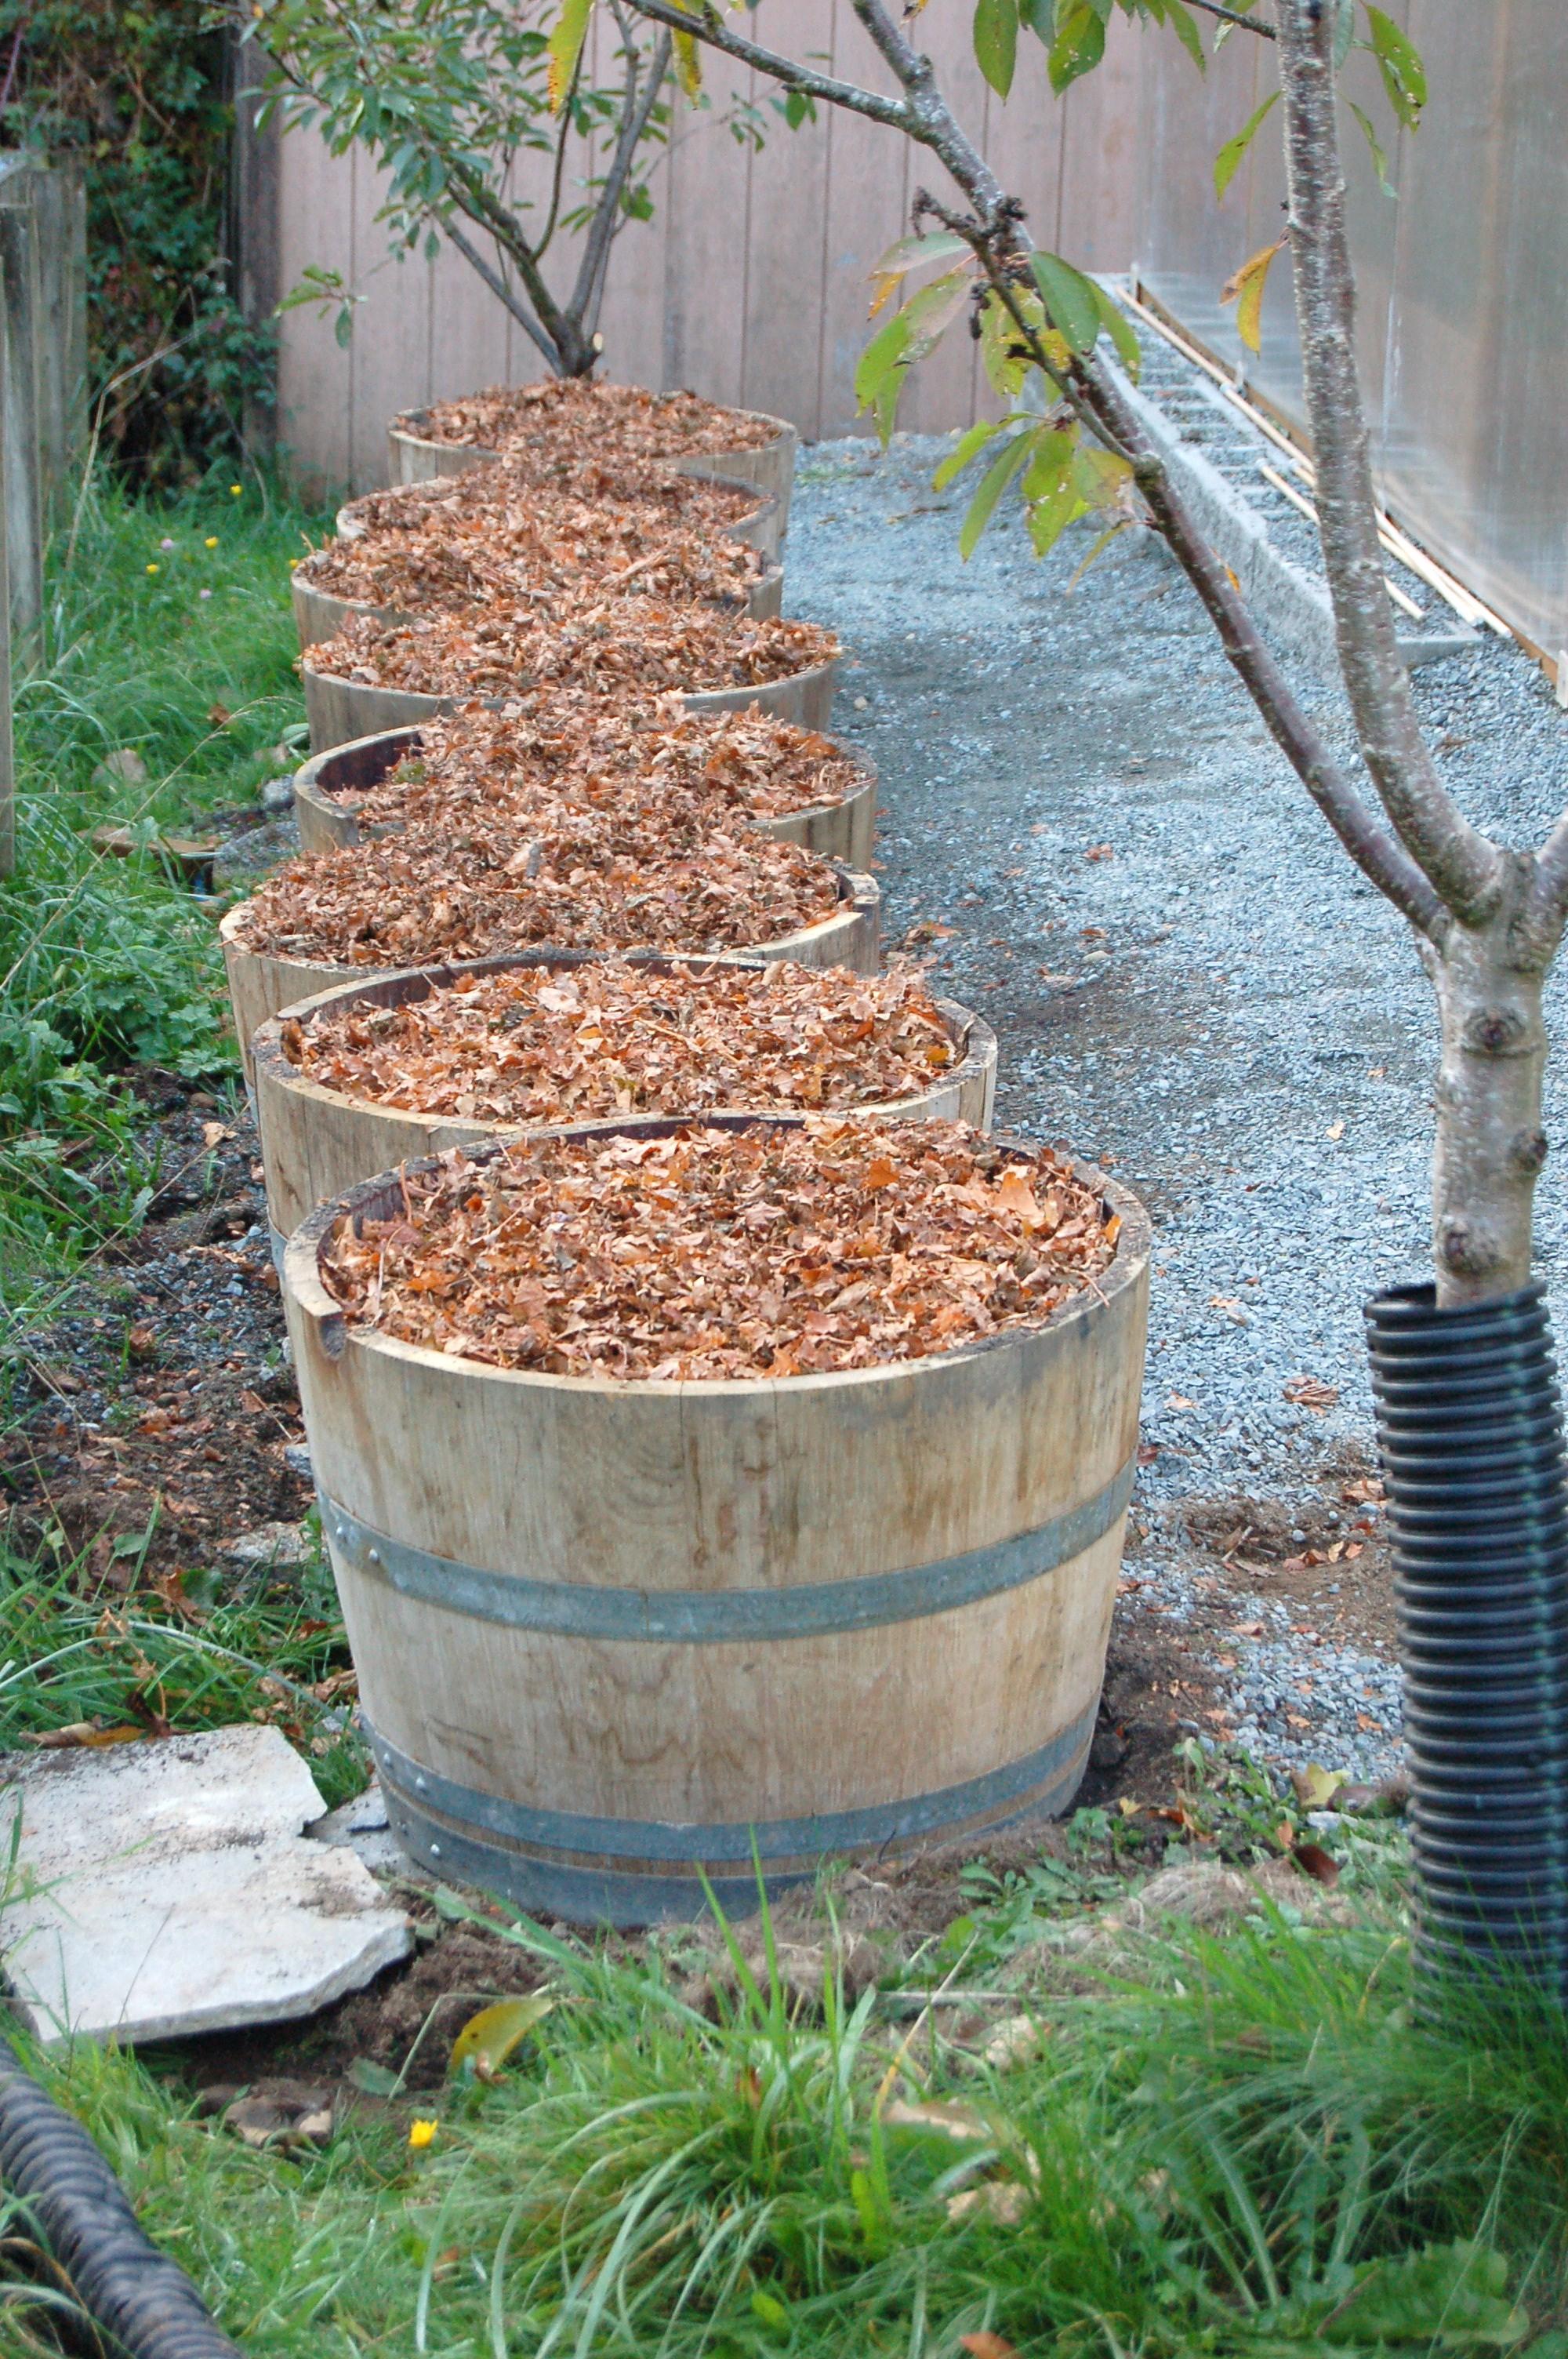 Row of eight rain barrels covered in leaf mulch